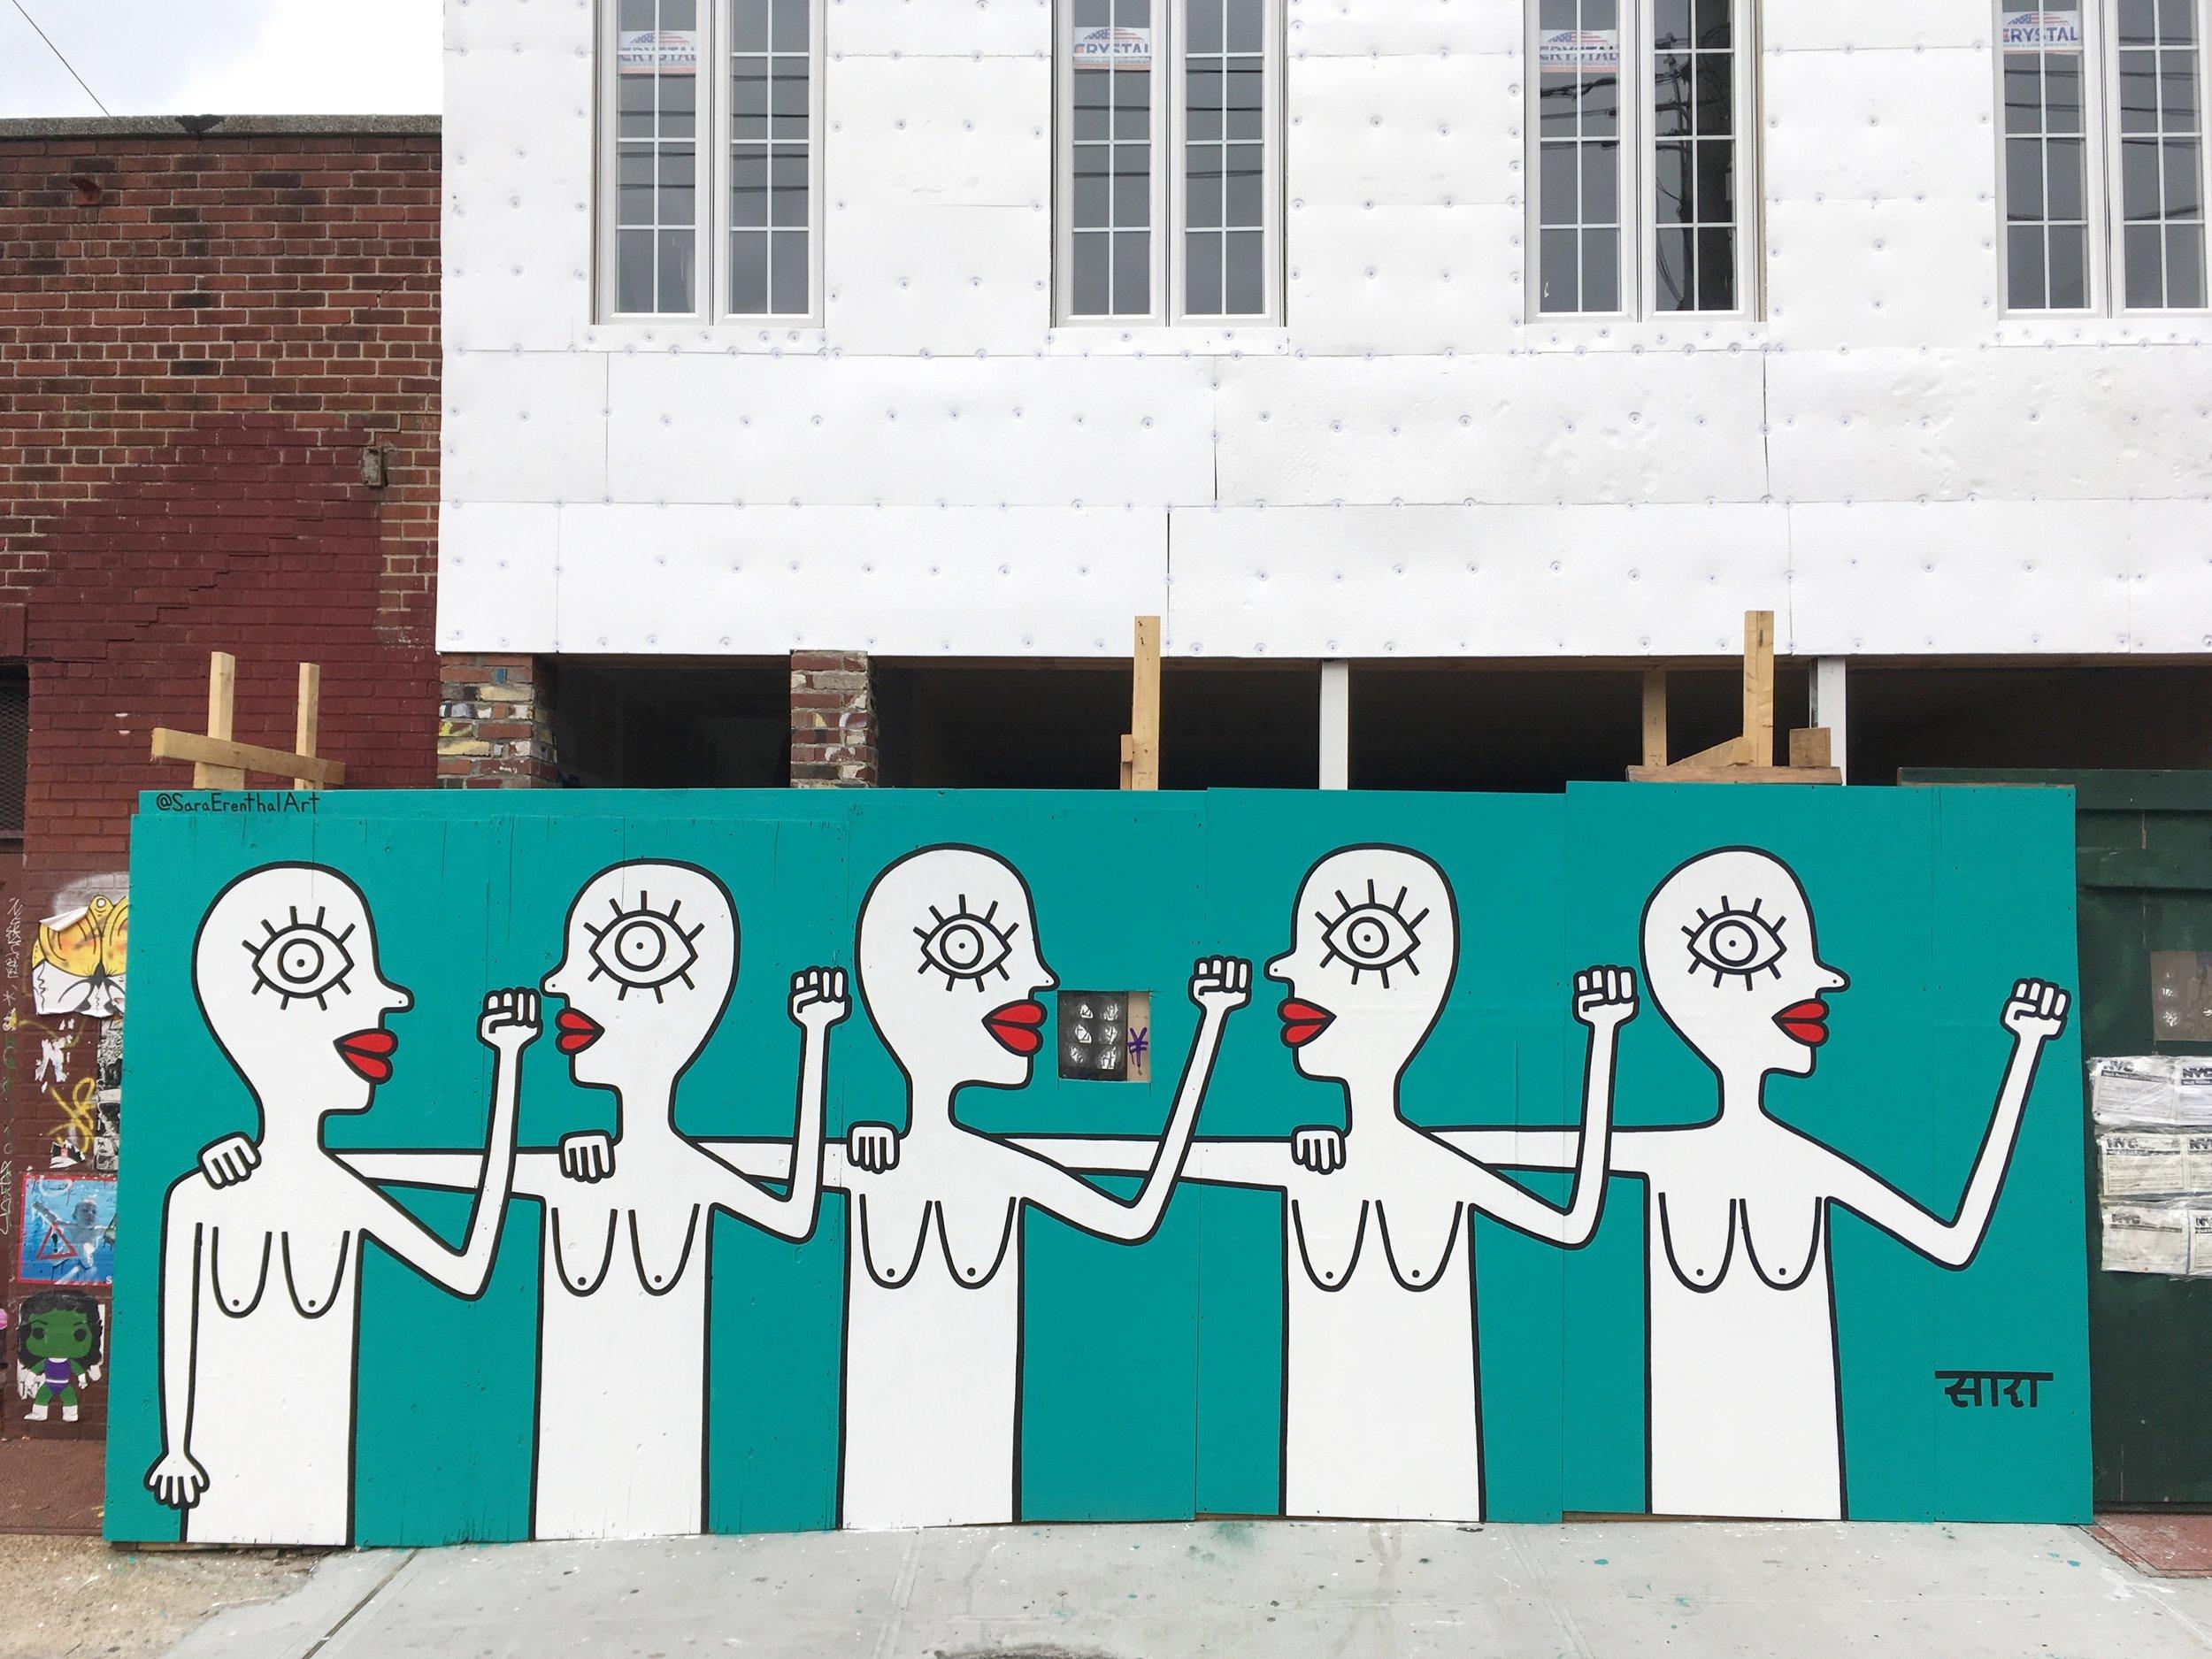 Mural in Bushwick, Brooklyn NY  2018